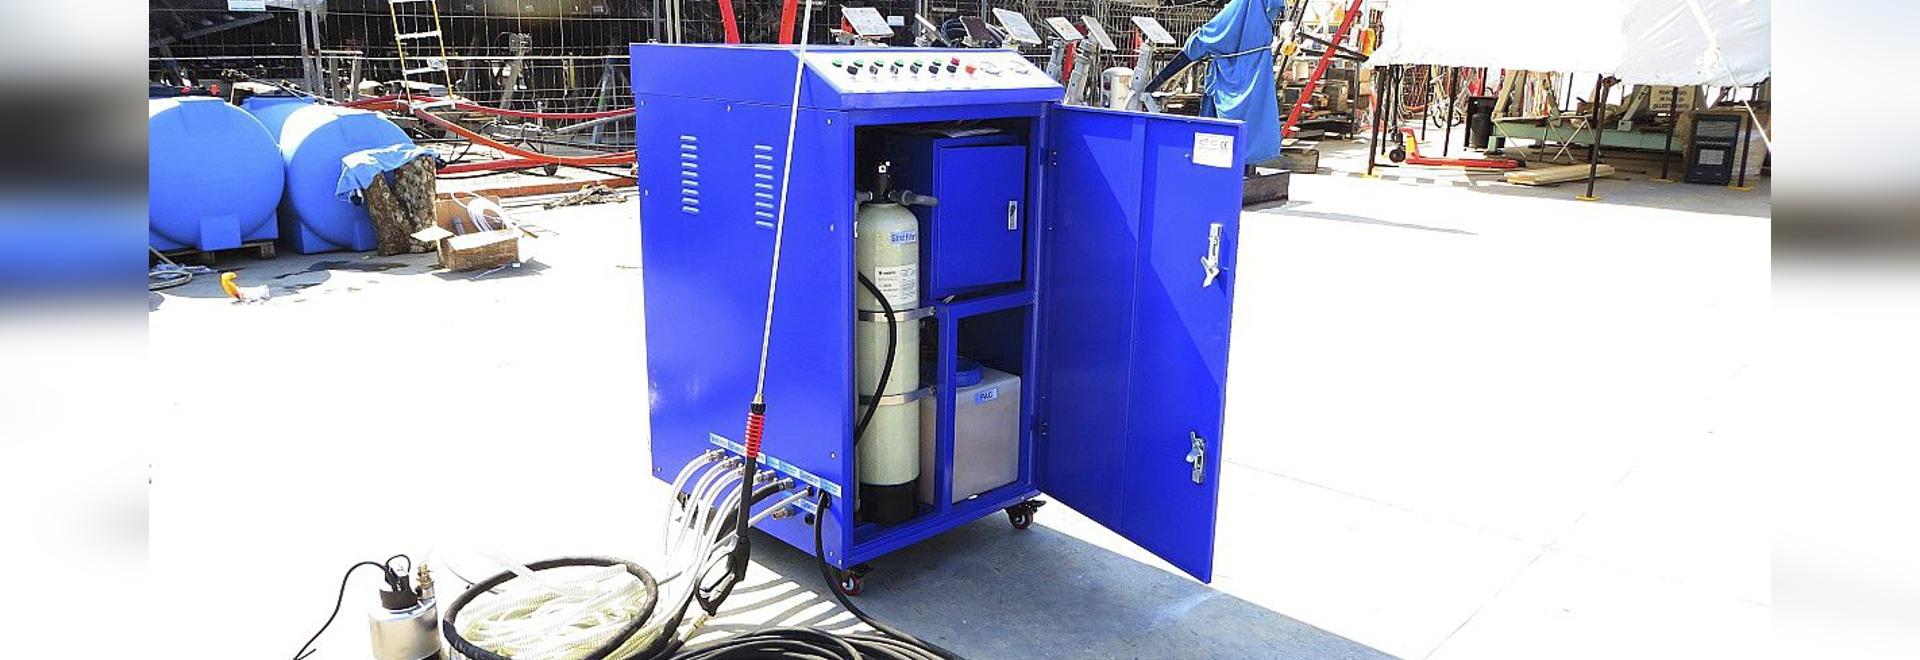 Idropulitrice con sistema di trattamento acque integrato a circuito chiuso